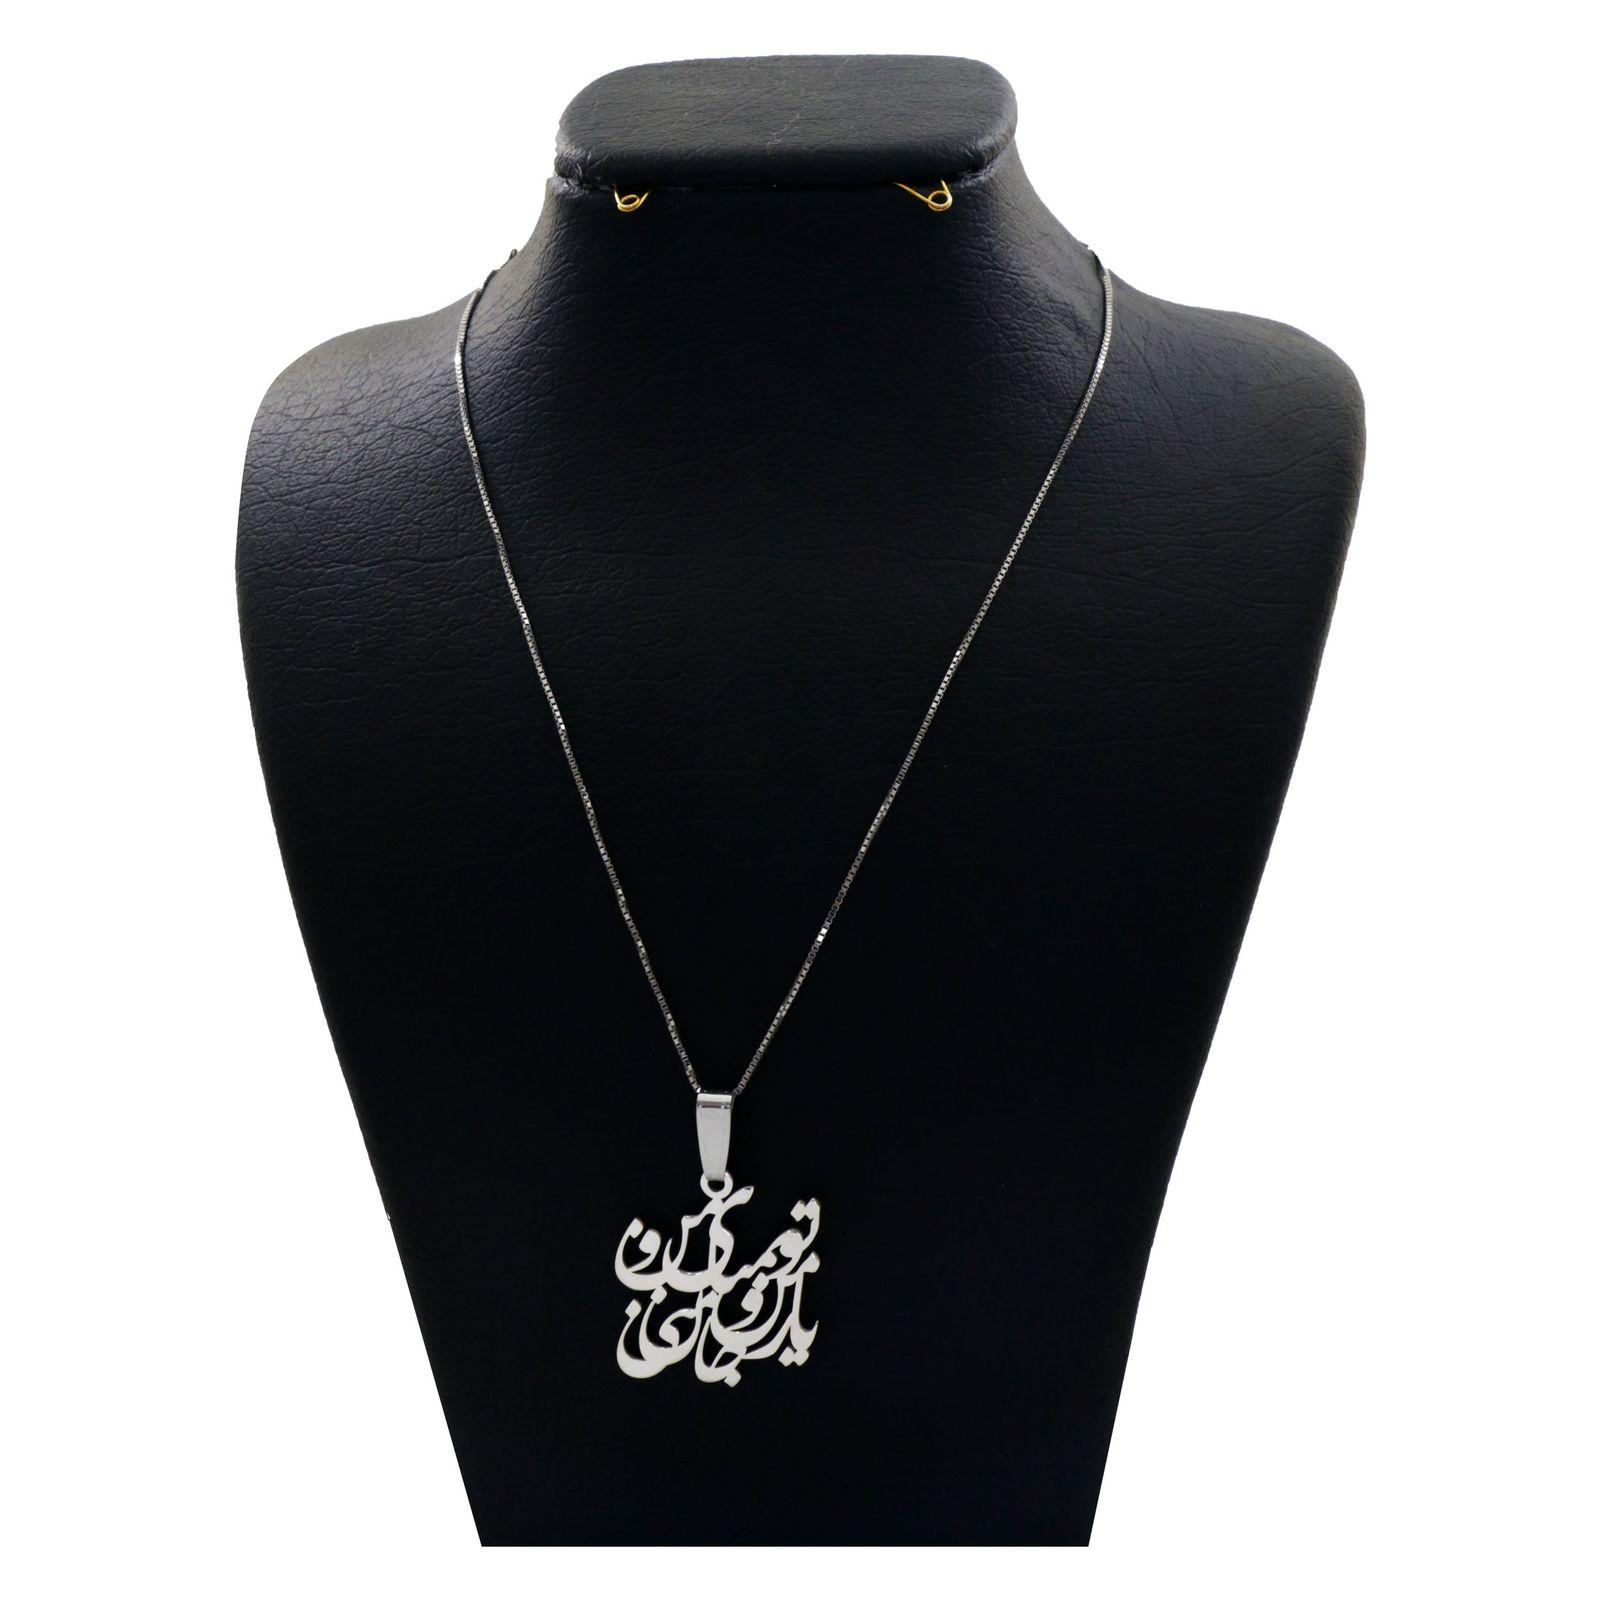 گردنبند نقره زنانه دلی جم طرح تو تمنای منو یار منو جان منی کد D 94 -  - 2